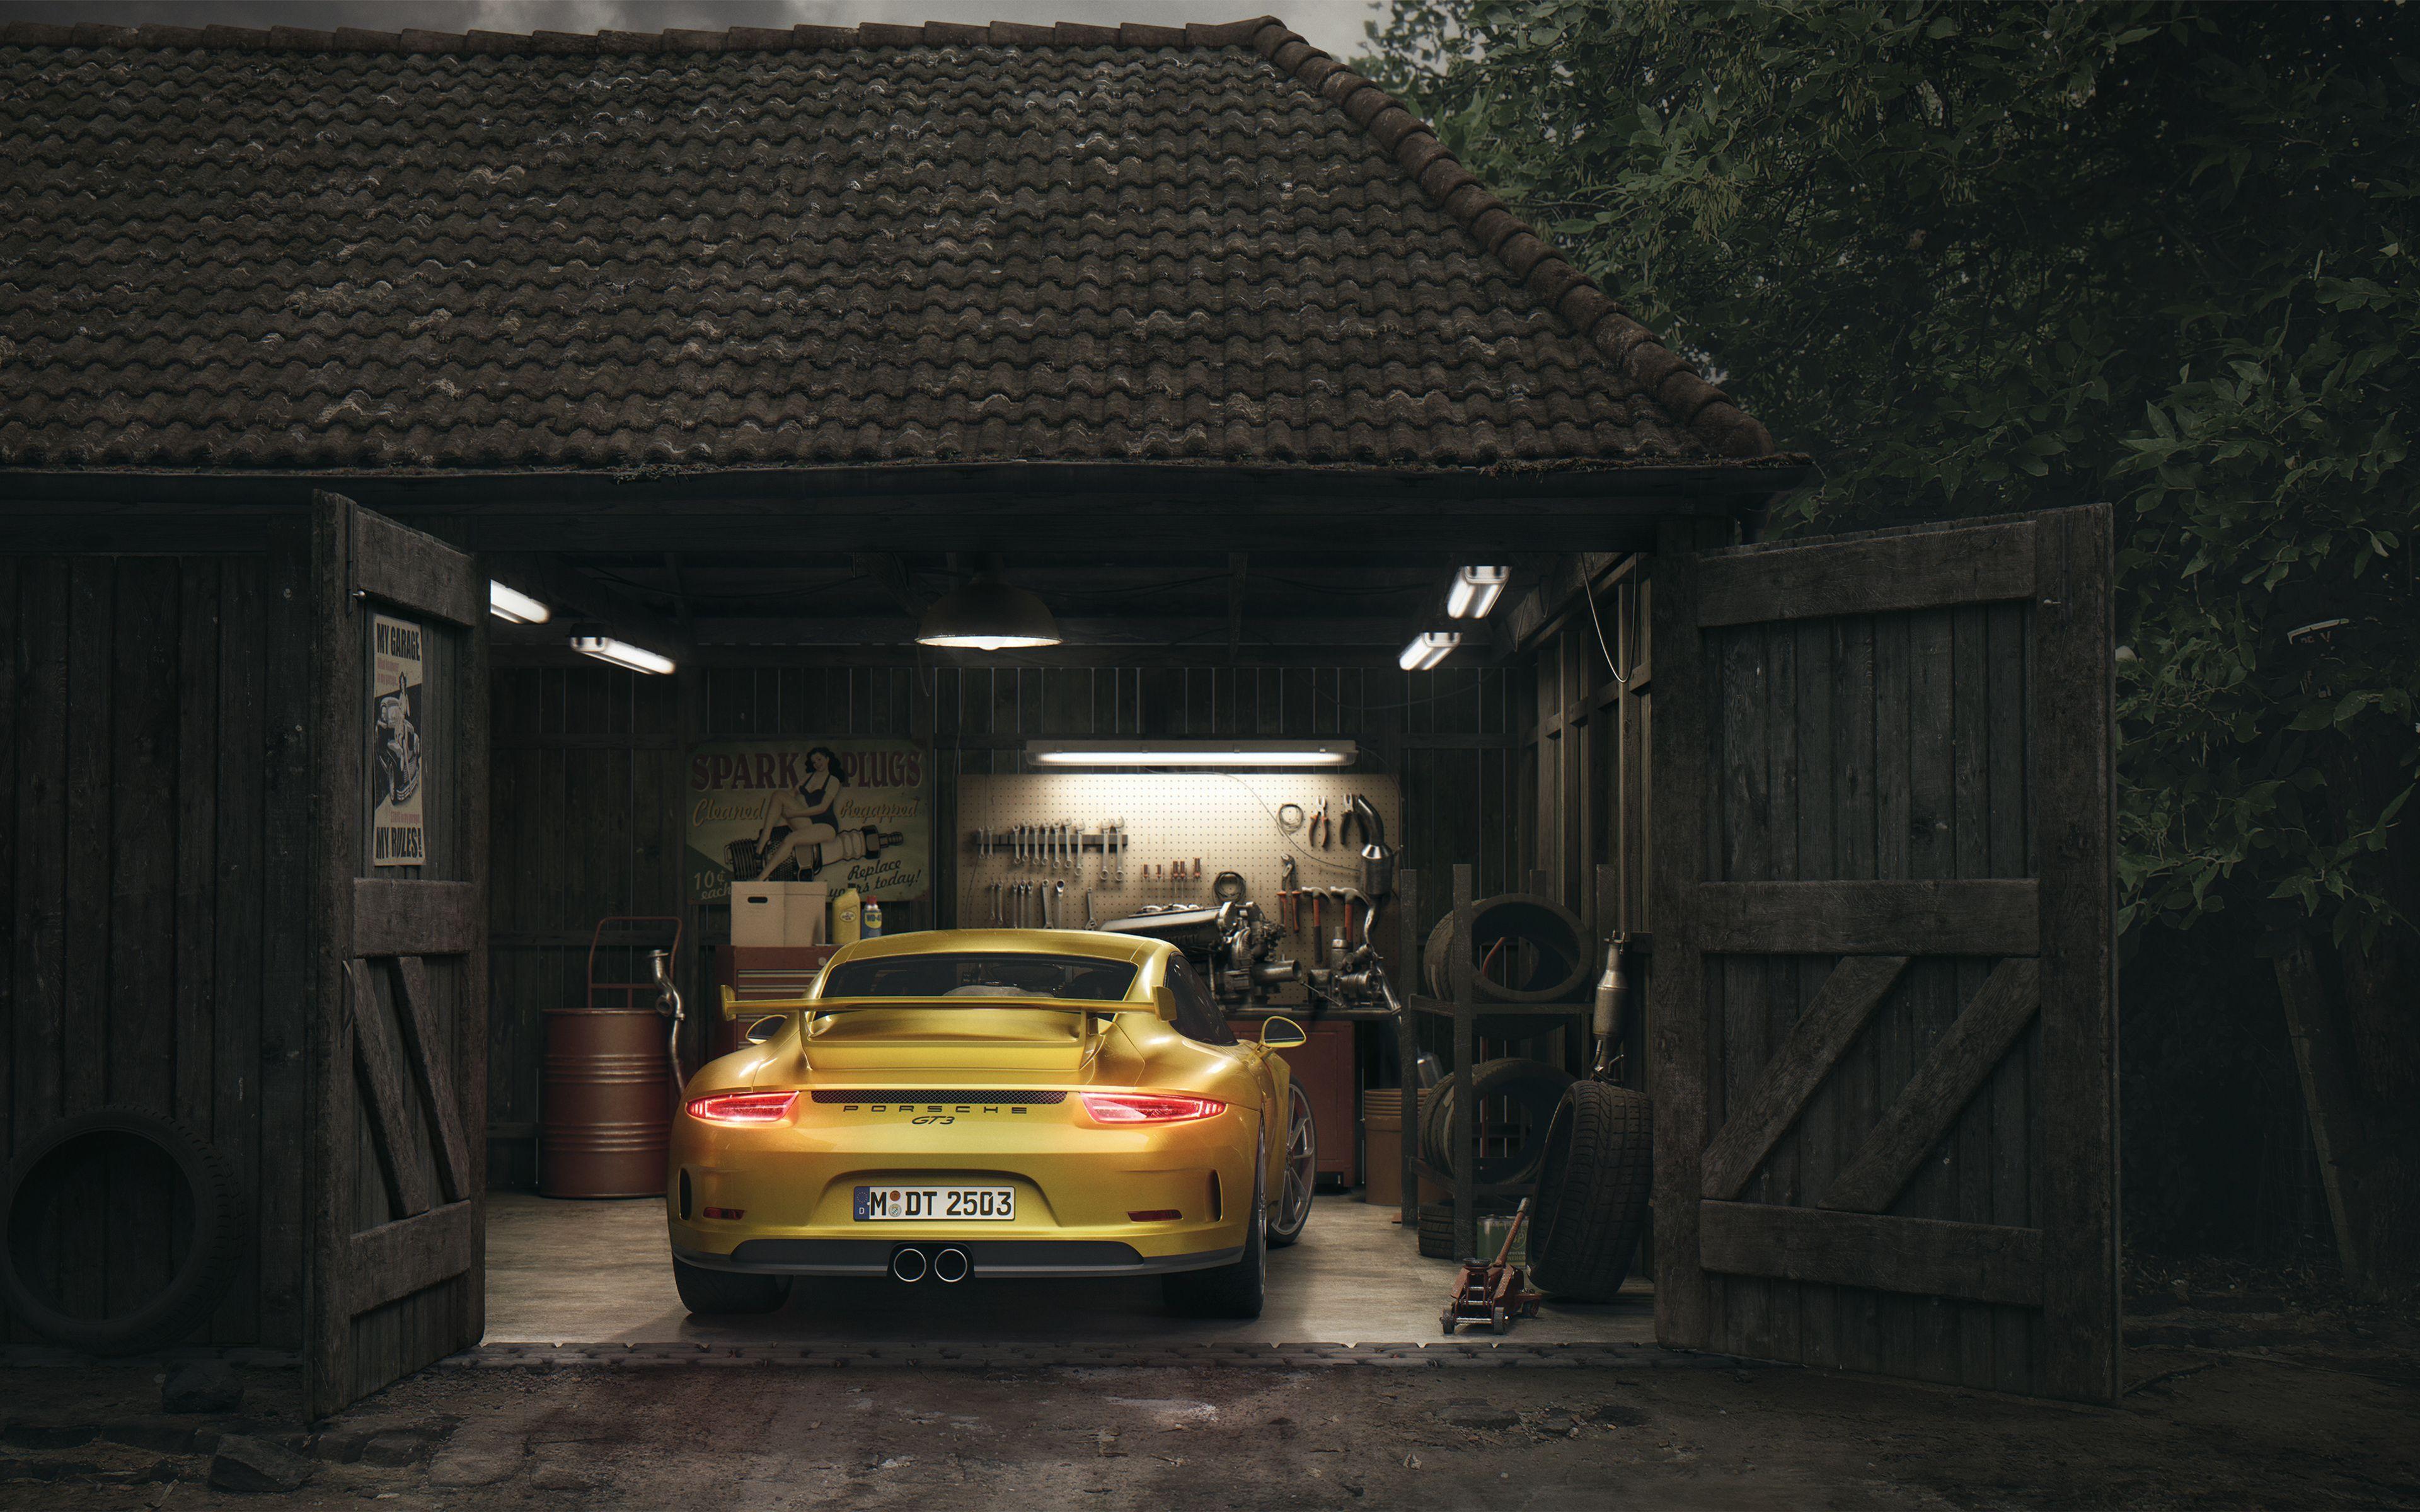 Porsche Gt3 Barn 4k Car Wallpapers Porsche Gt3 Porsche